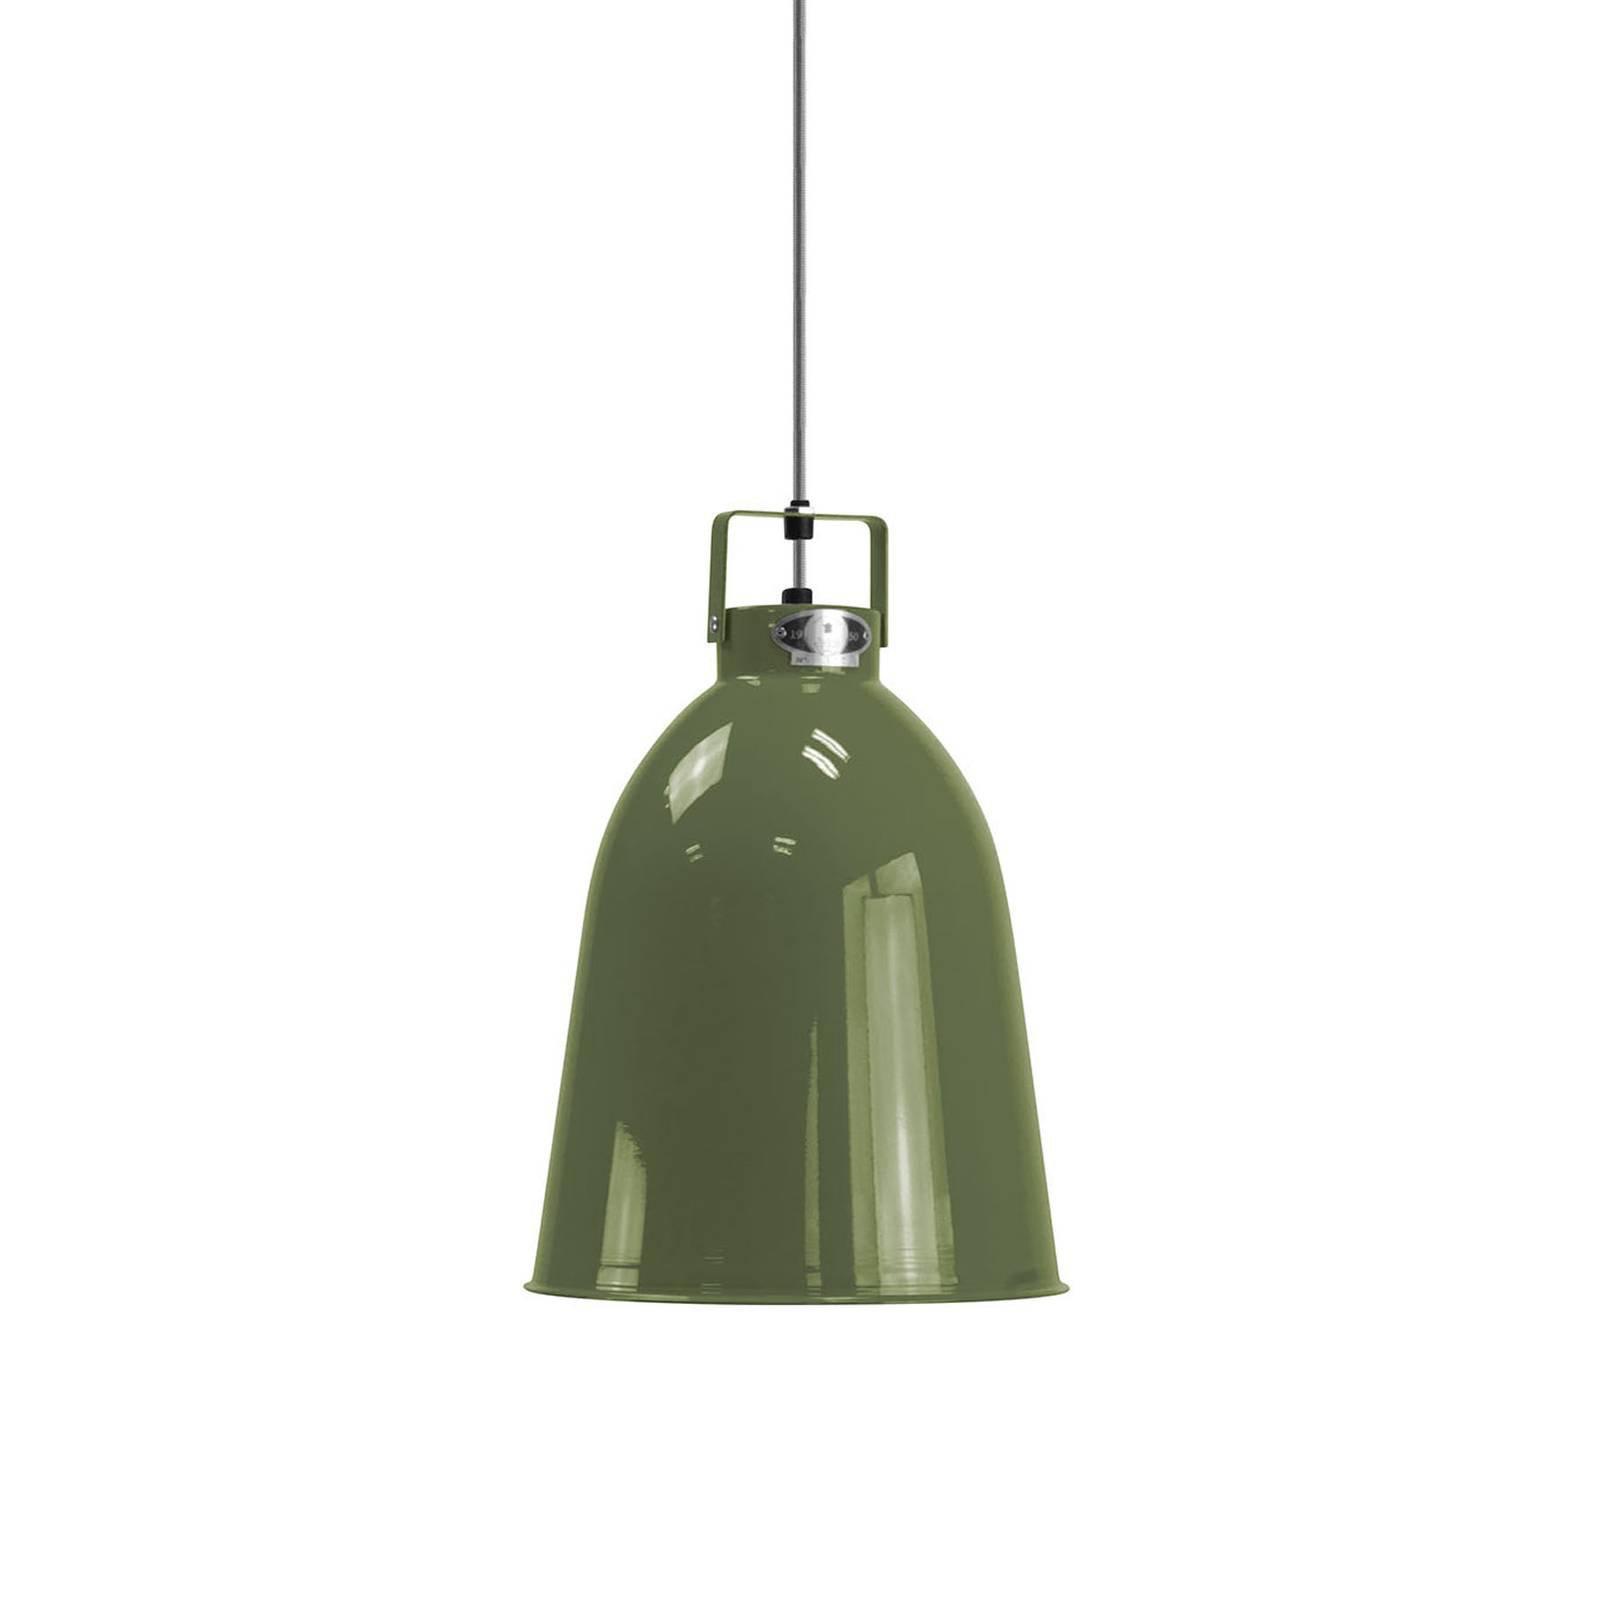 Jieldé Clément C240 hengelampe, oliven, Ø 24 cm